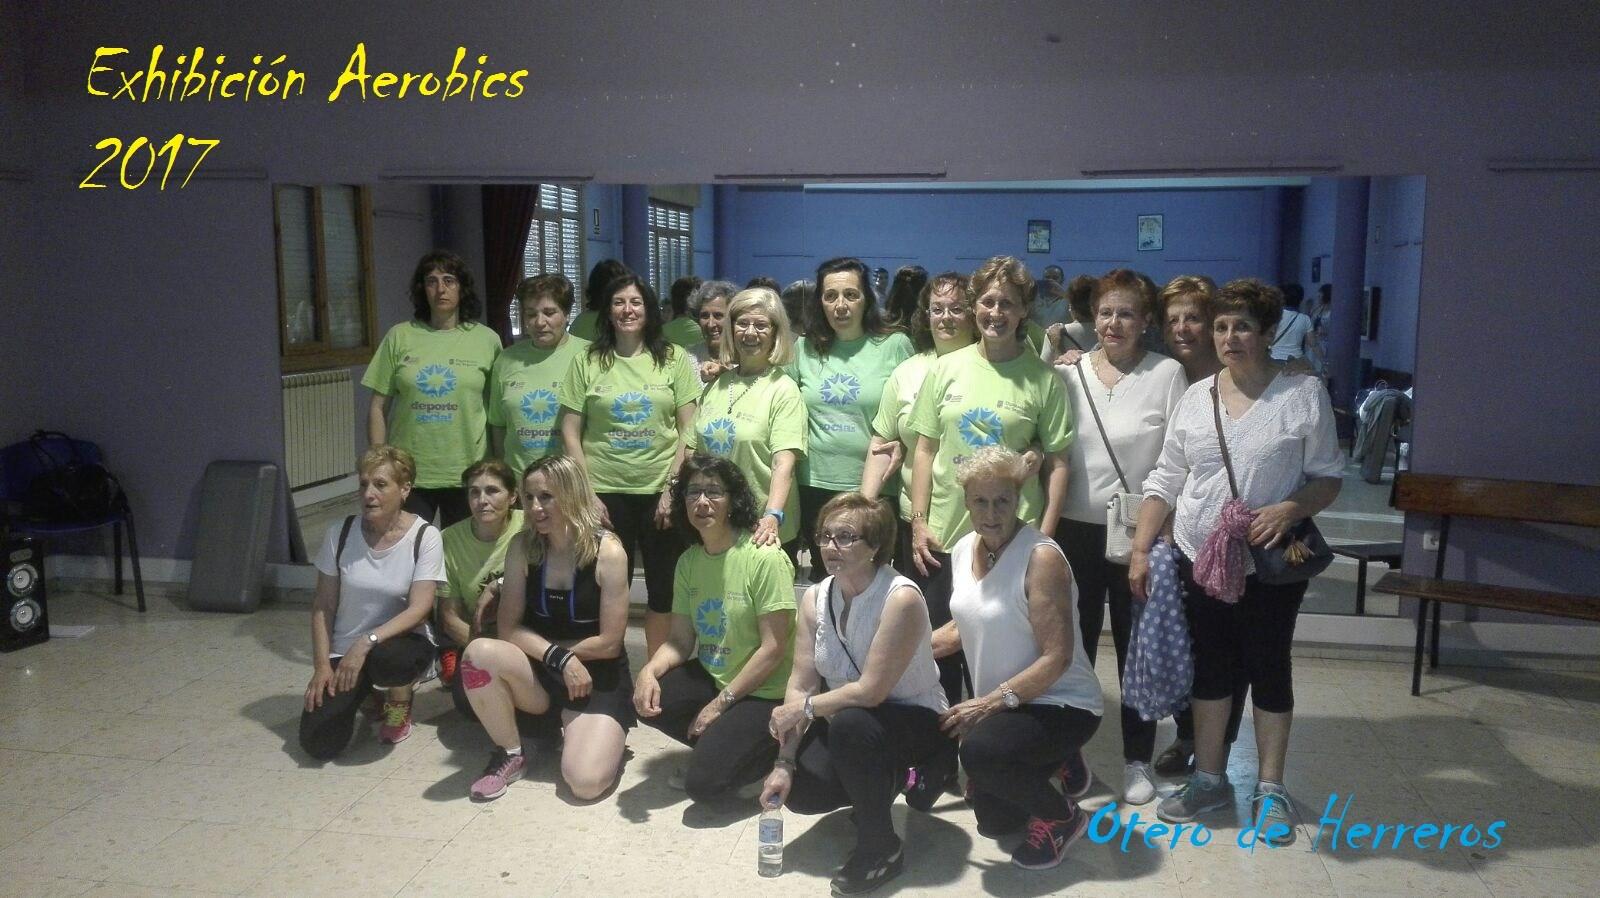 Exhibicion Aerobics (9)